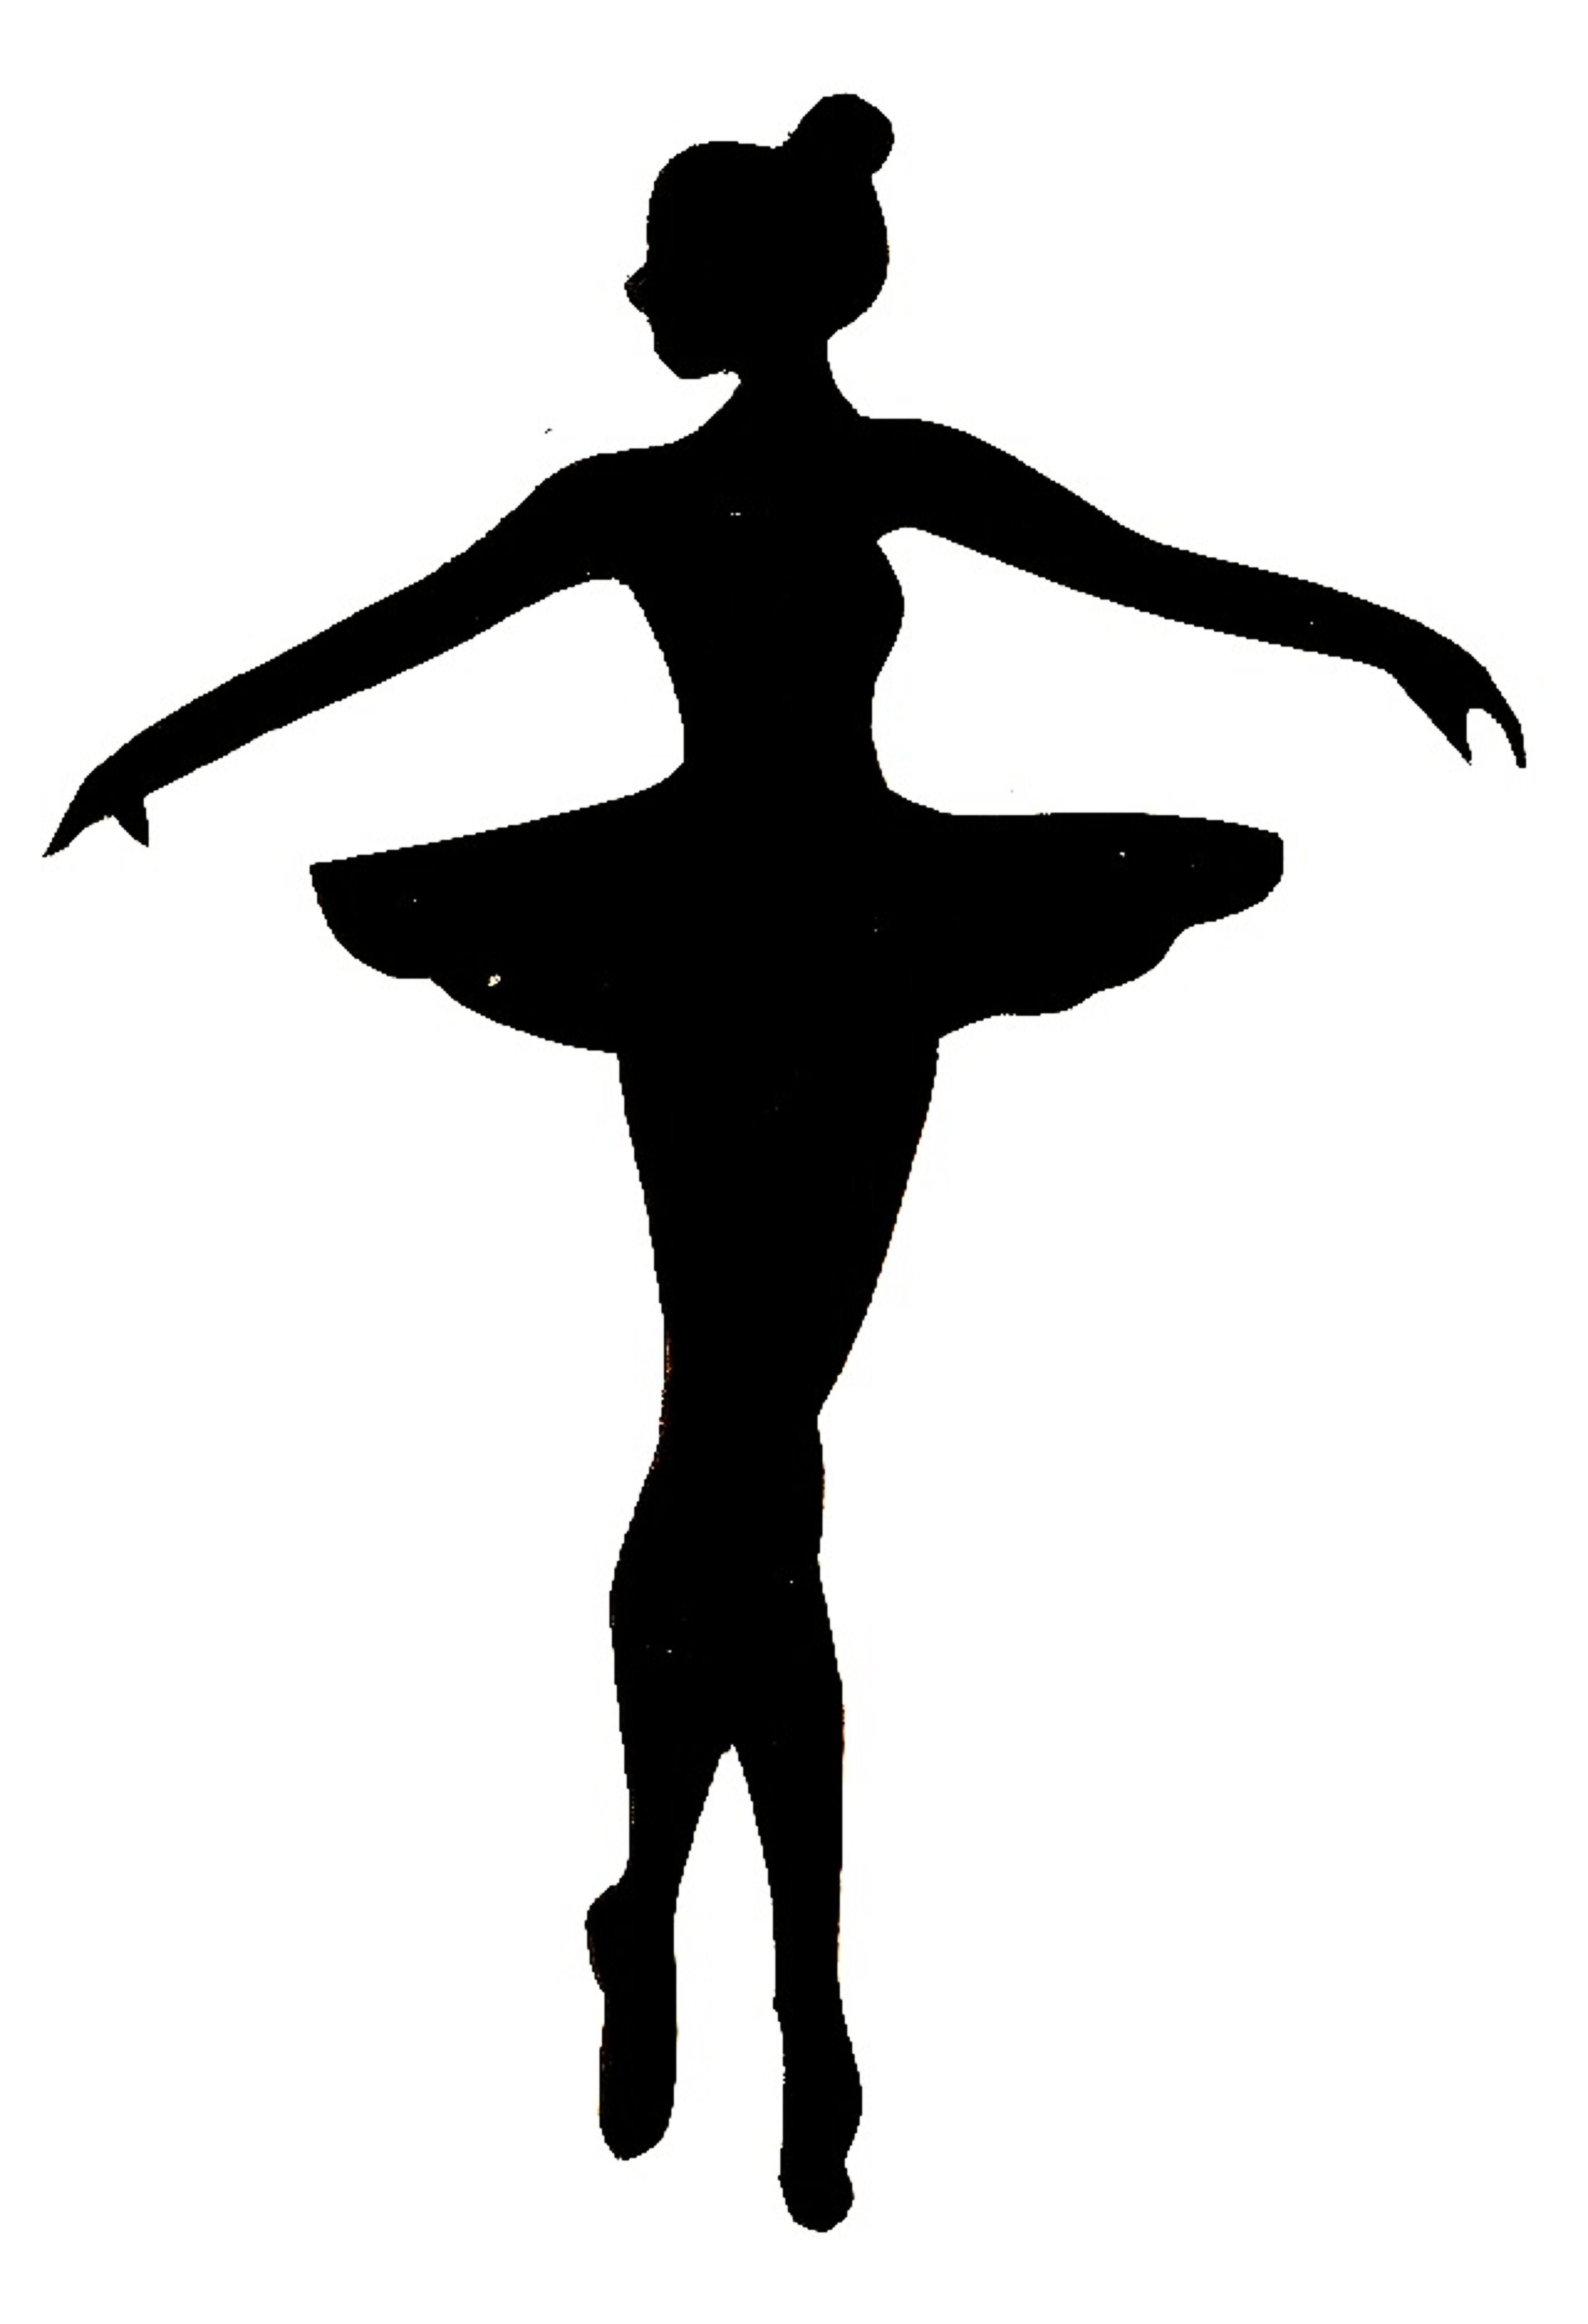 bailarina clipart easy